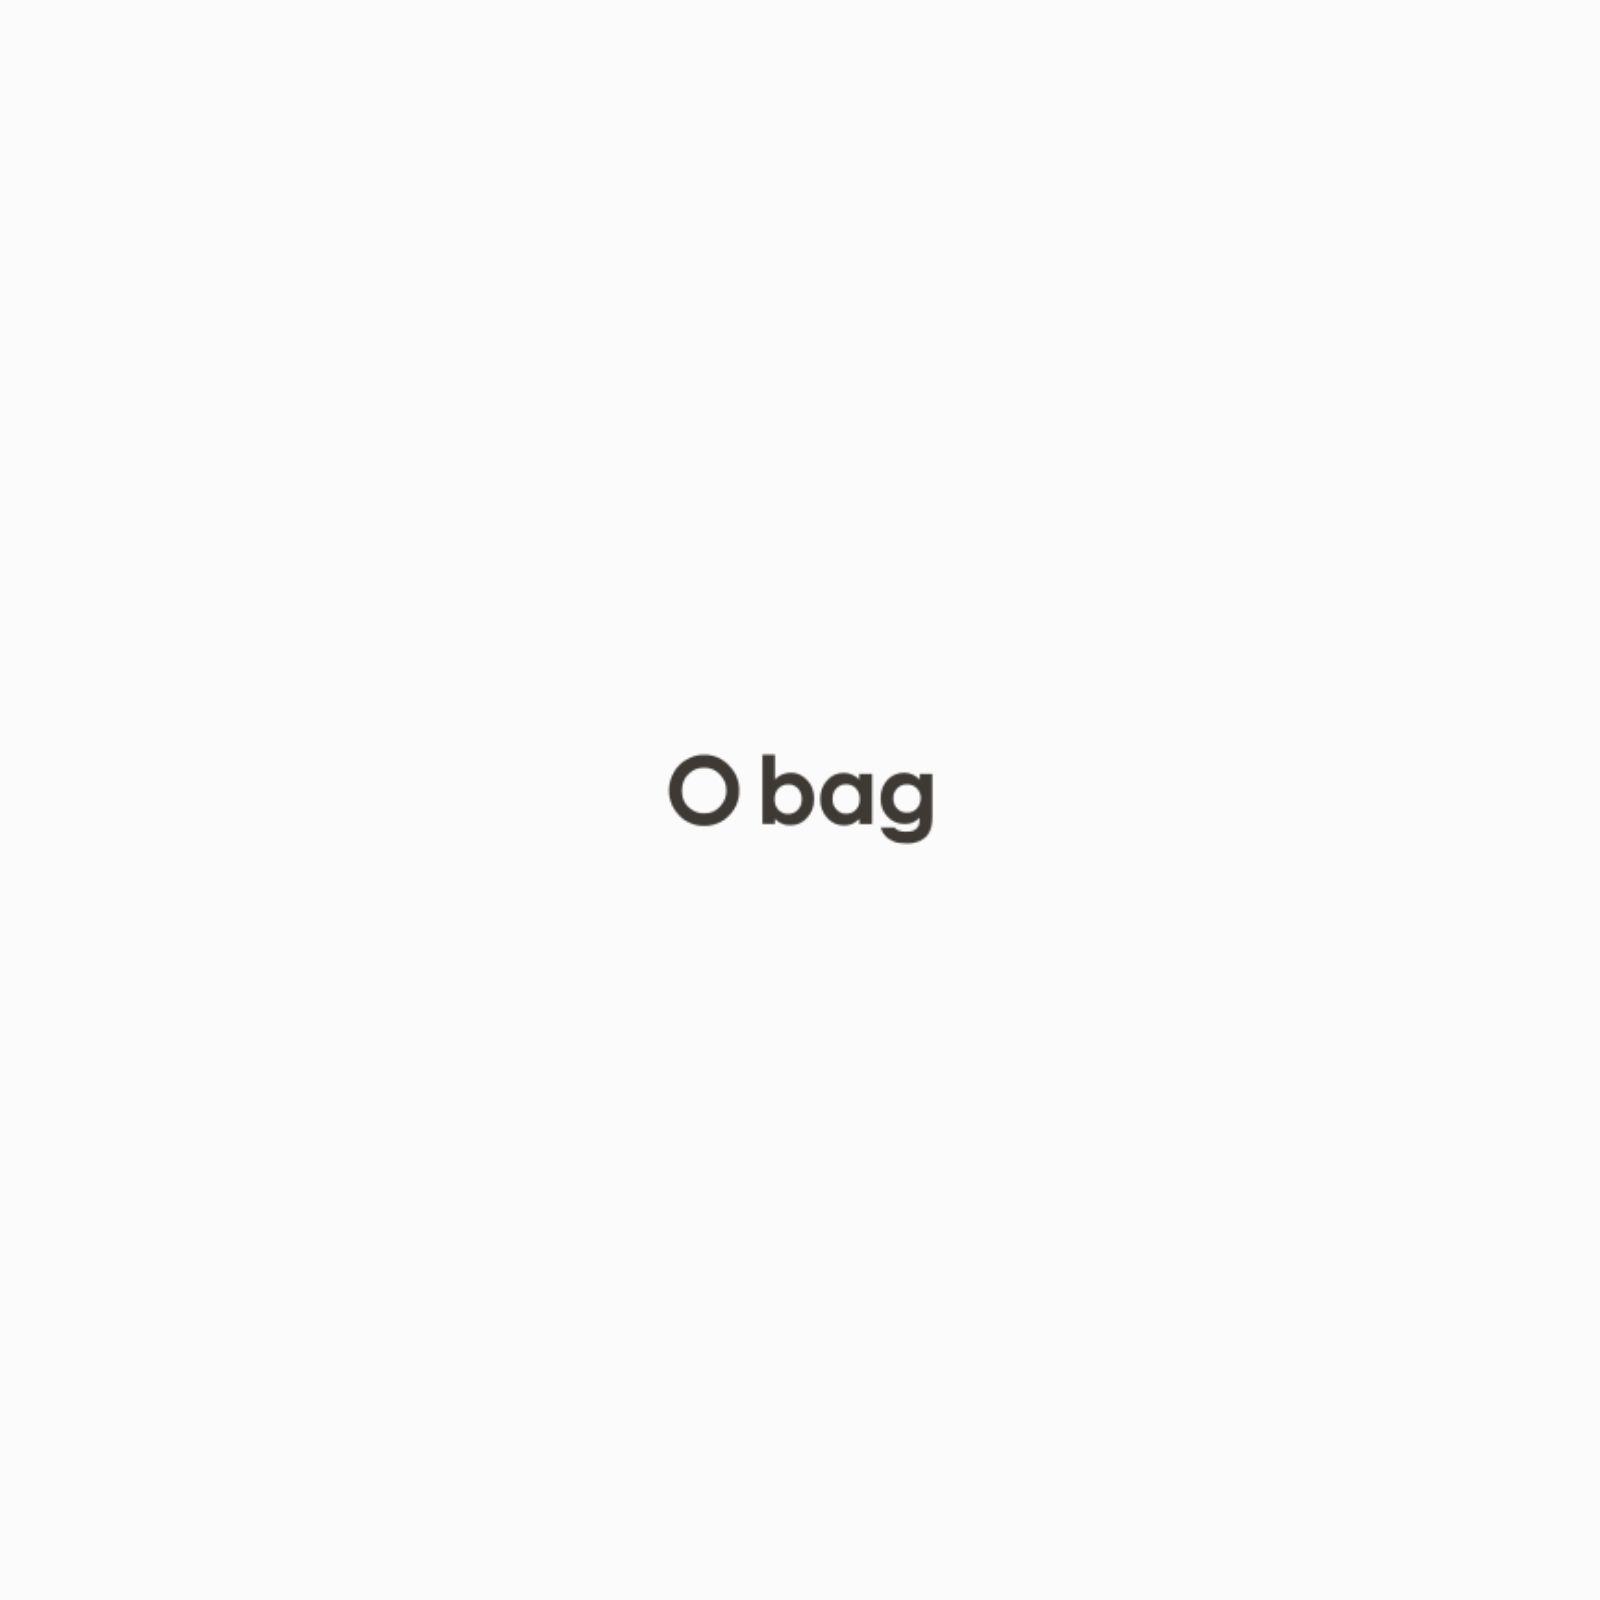 check-out db638 a8685 O bag glam melanzana con placa logo coco terracotta